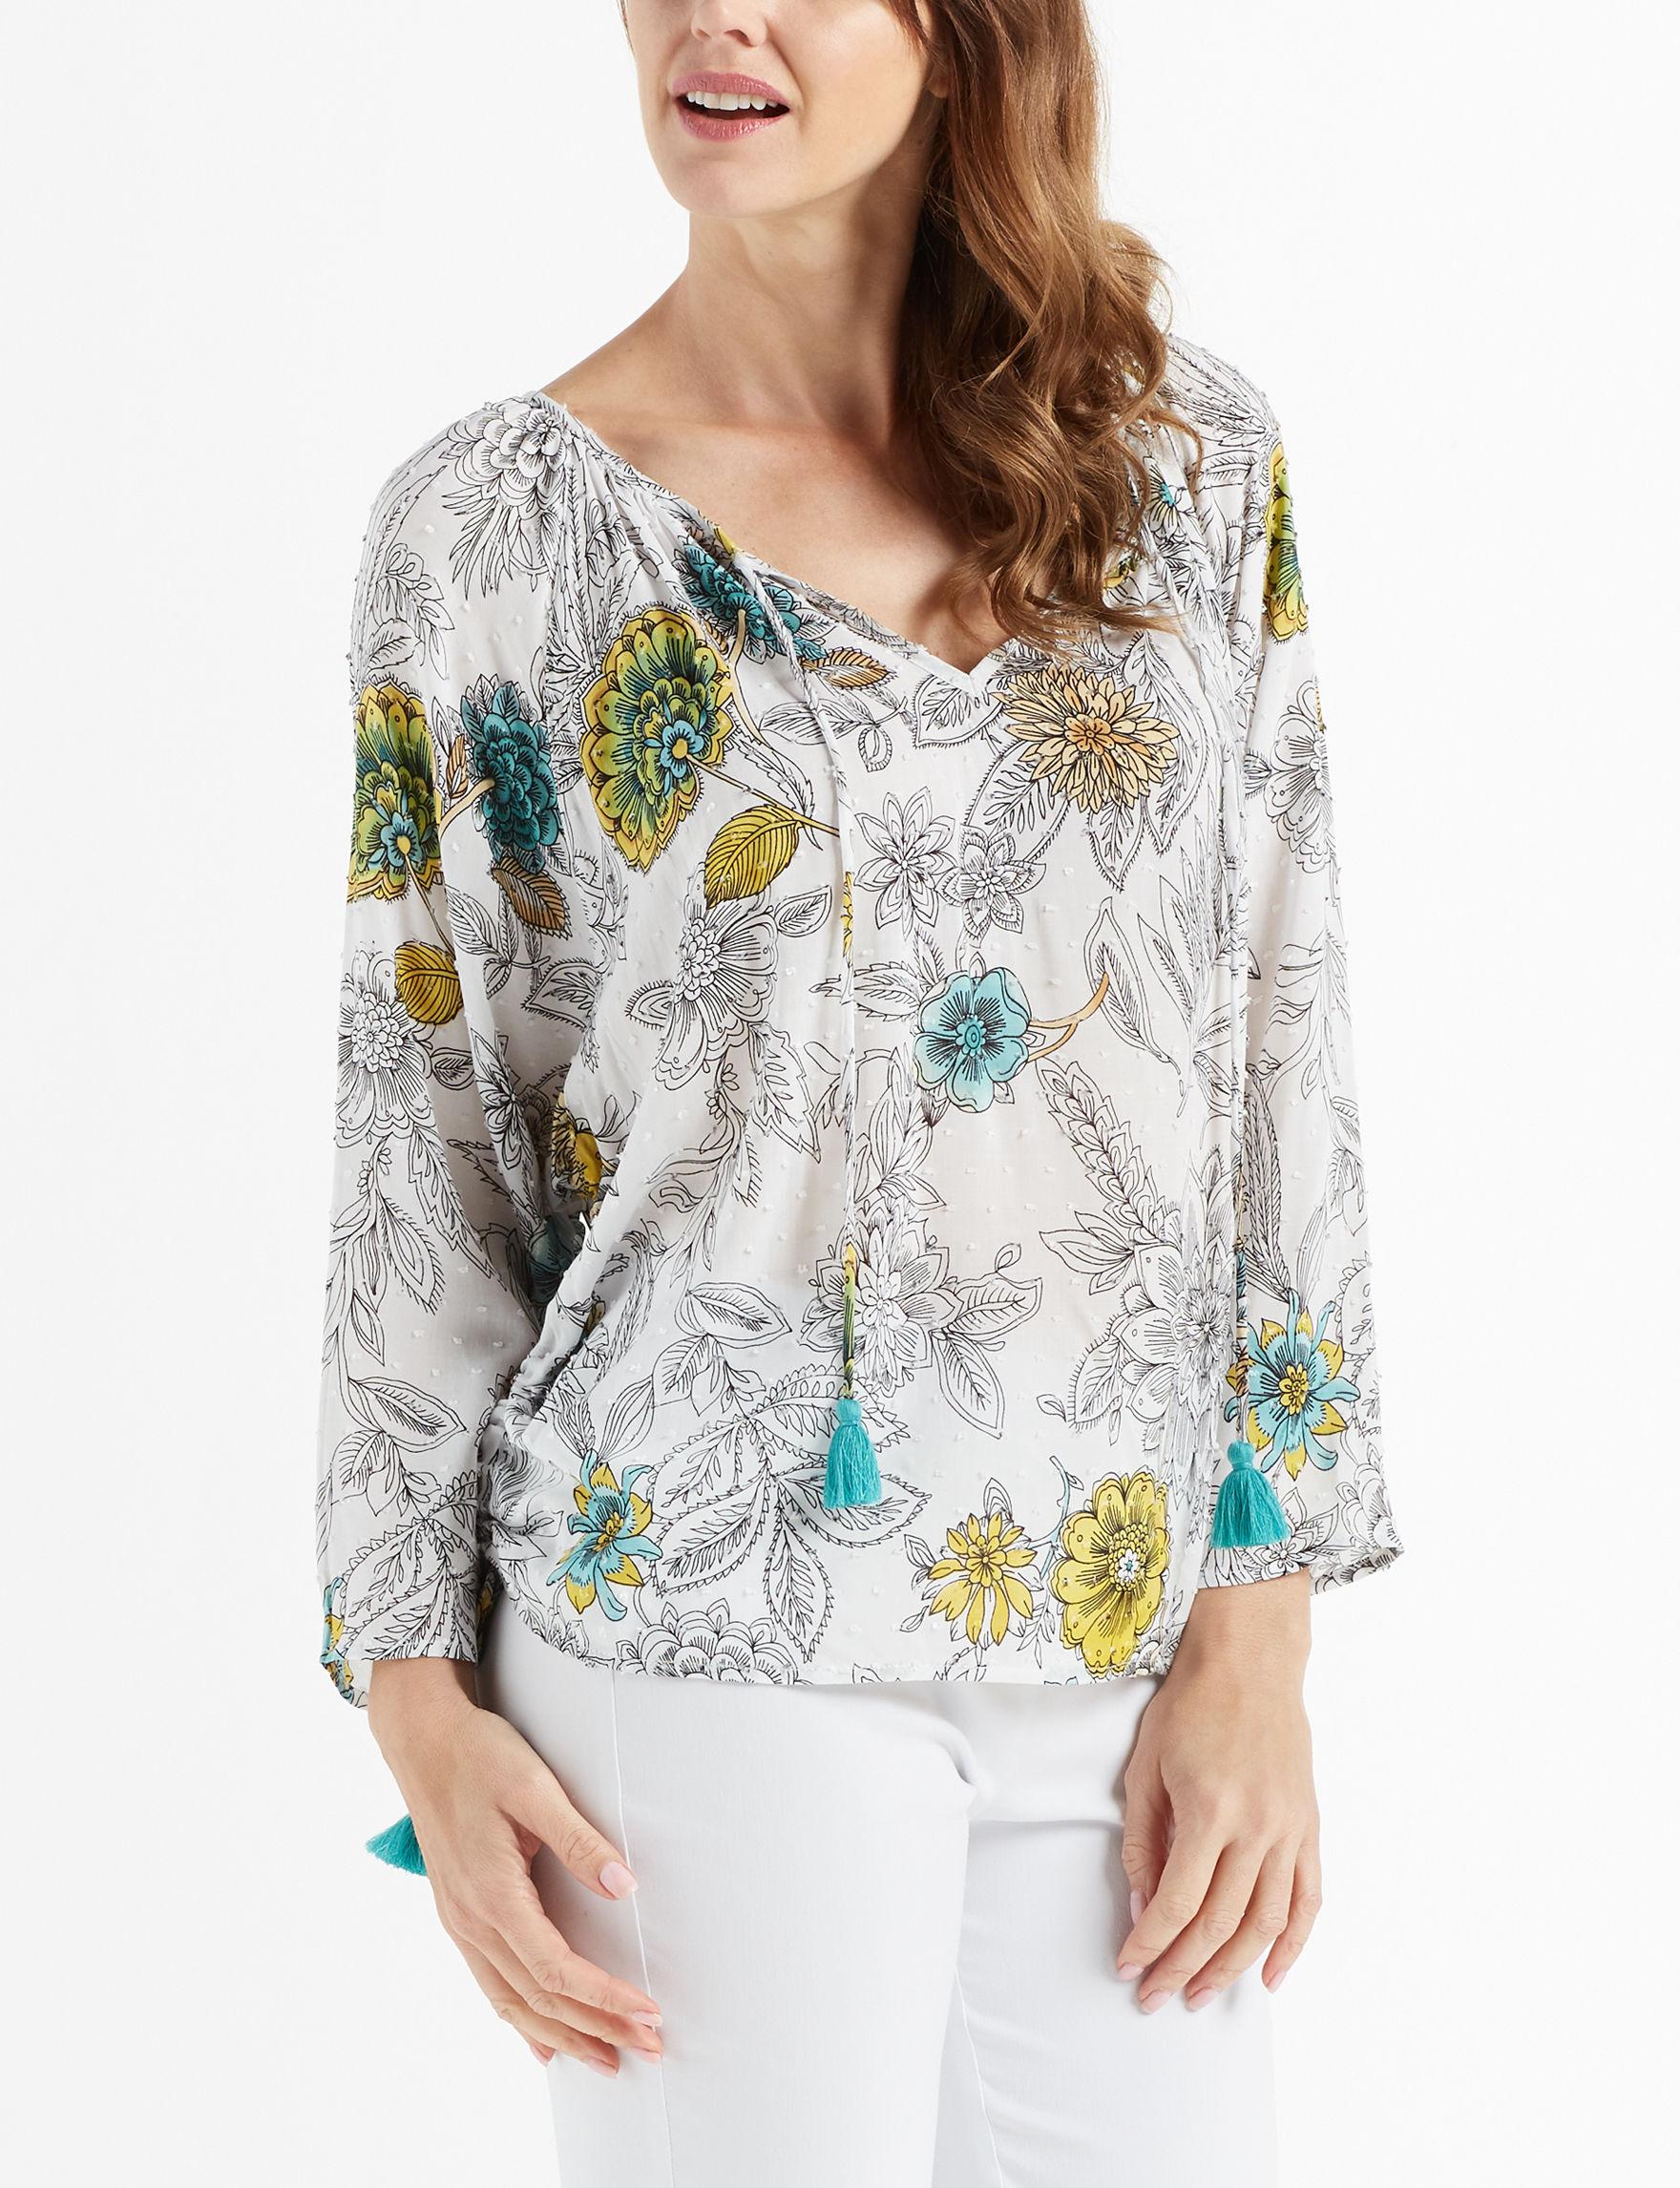 John Paul Richard White Shirts & Blouses